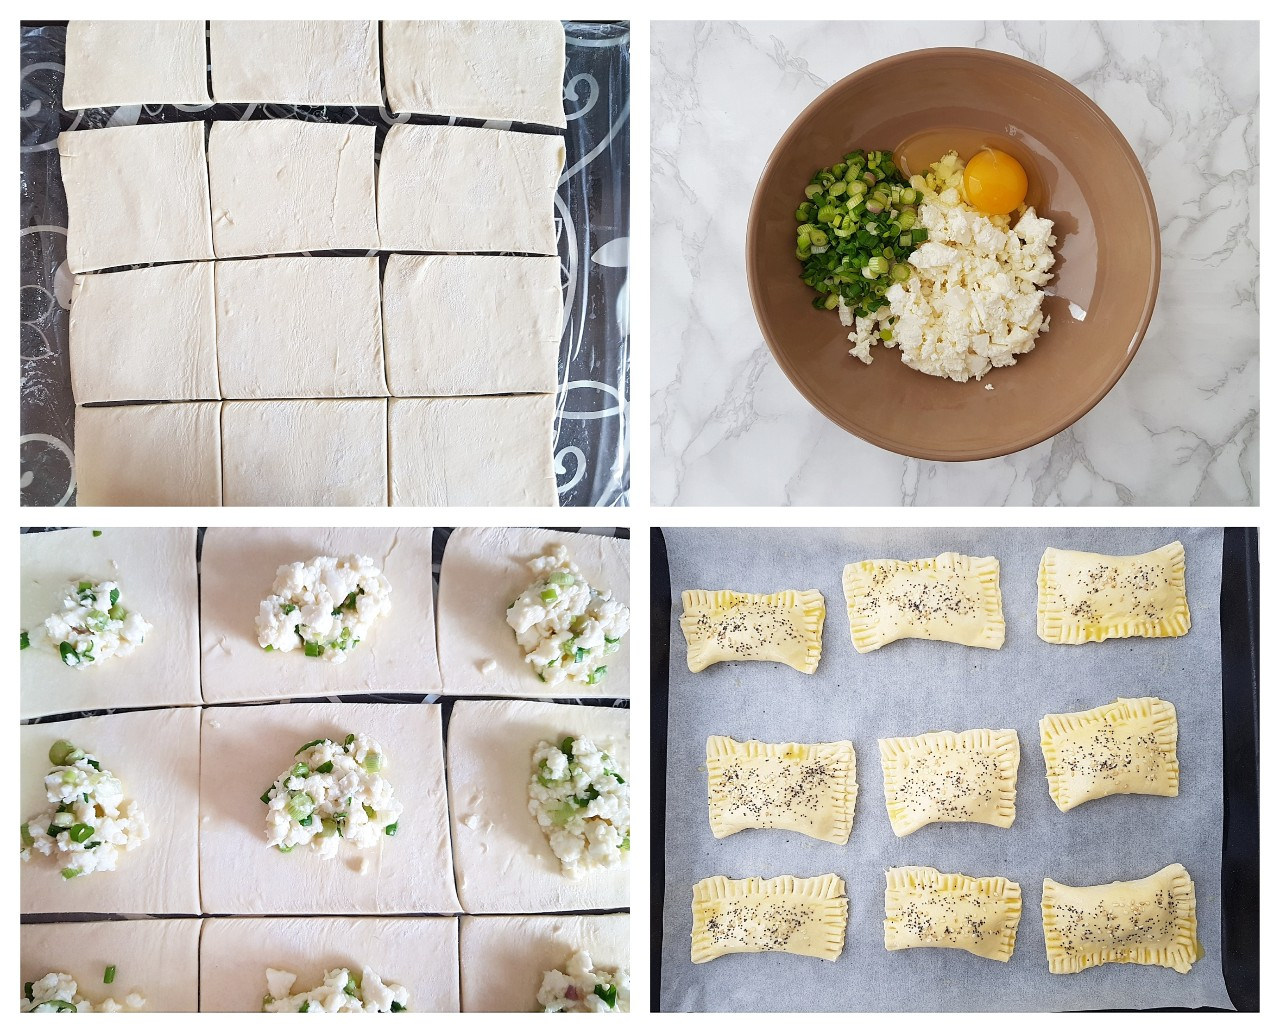 Pachetele din foietaj cu telemea - foodieopedia